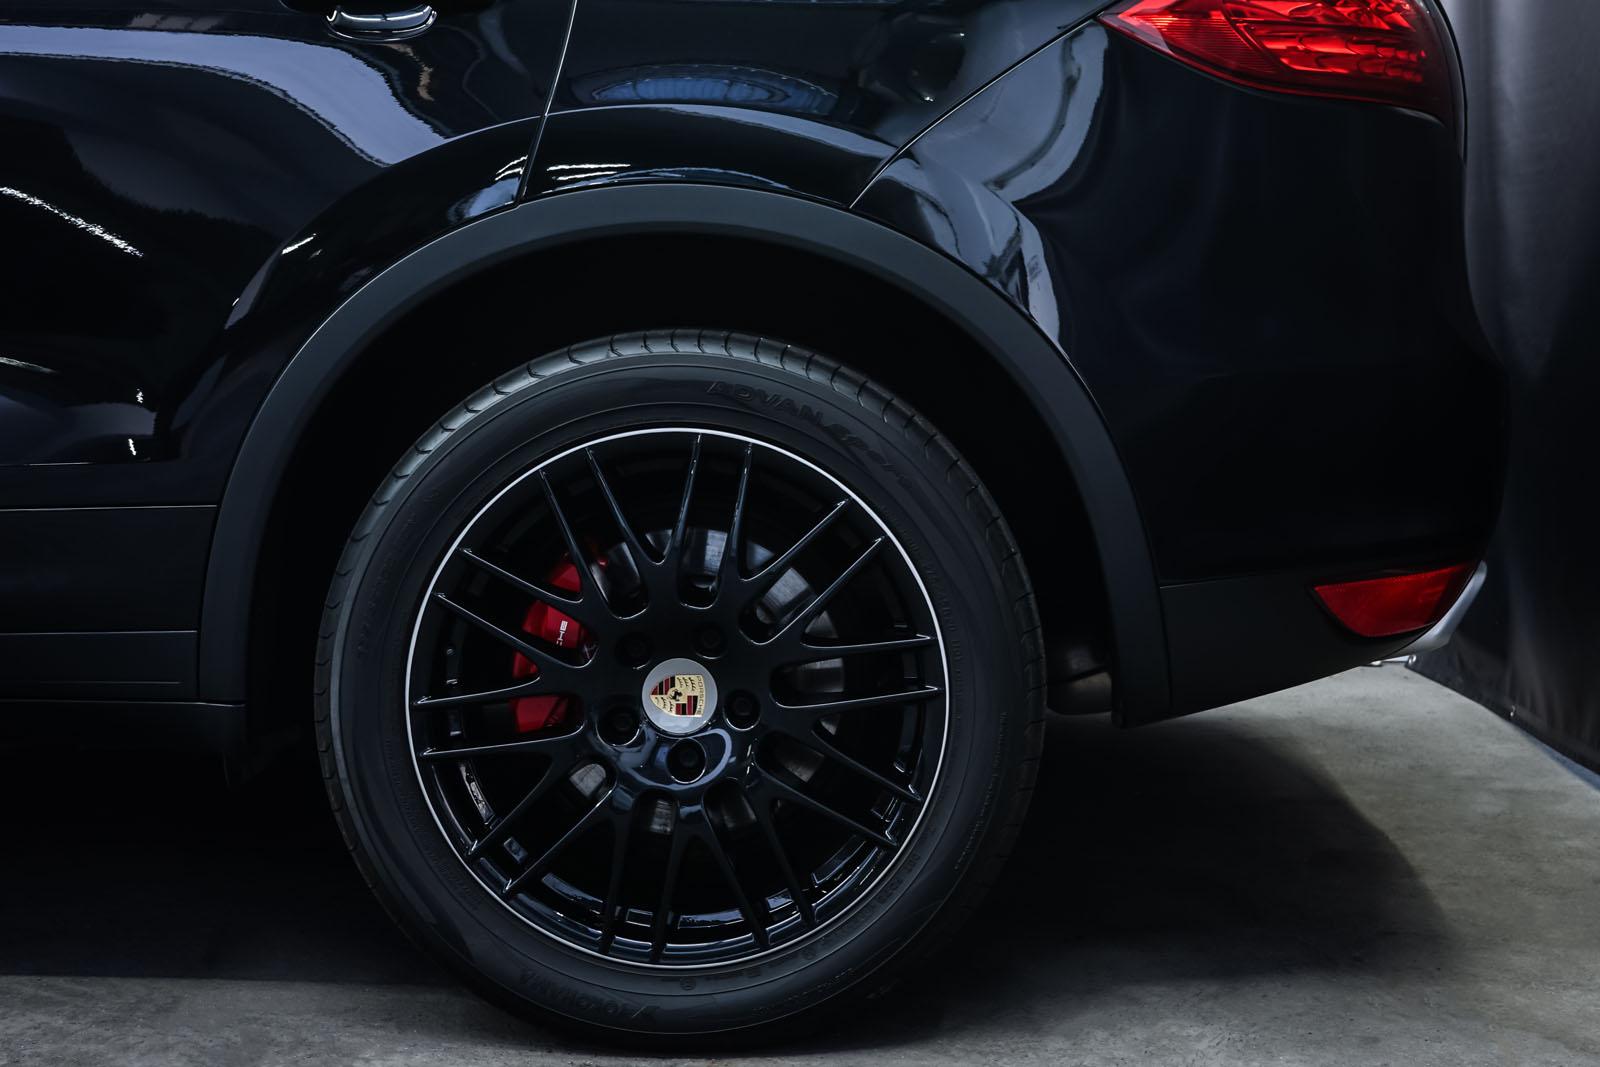 Porsche_CayenneS_Schwarz_Schwarz_POR-2086_4_w